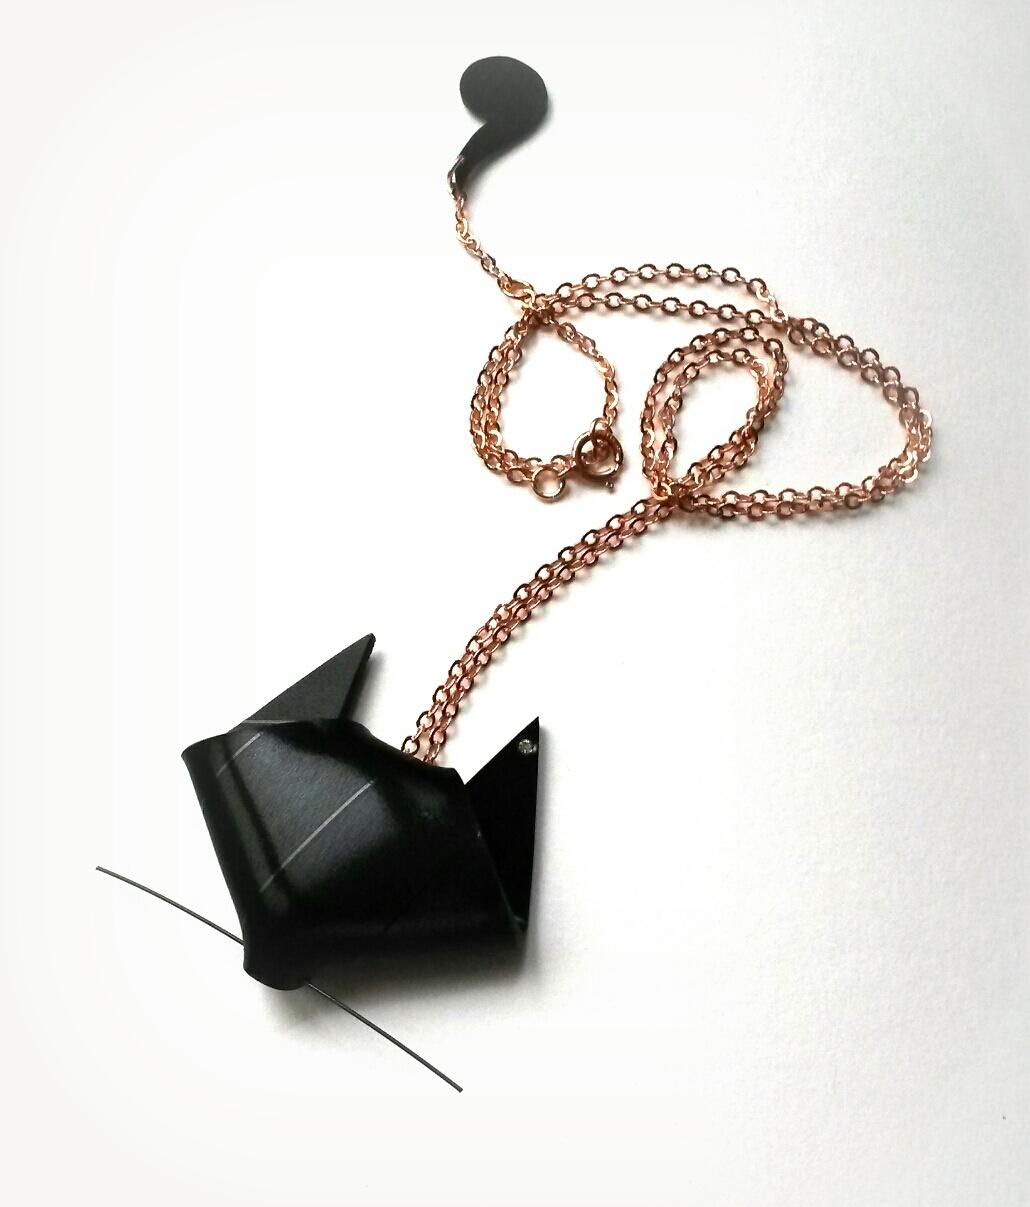 Pendentif BM Corp origami vinyle